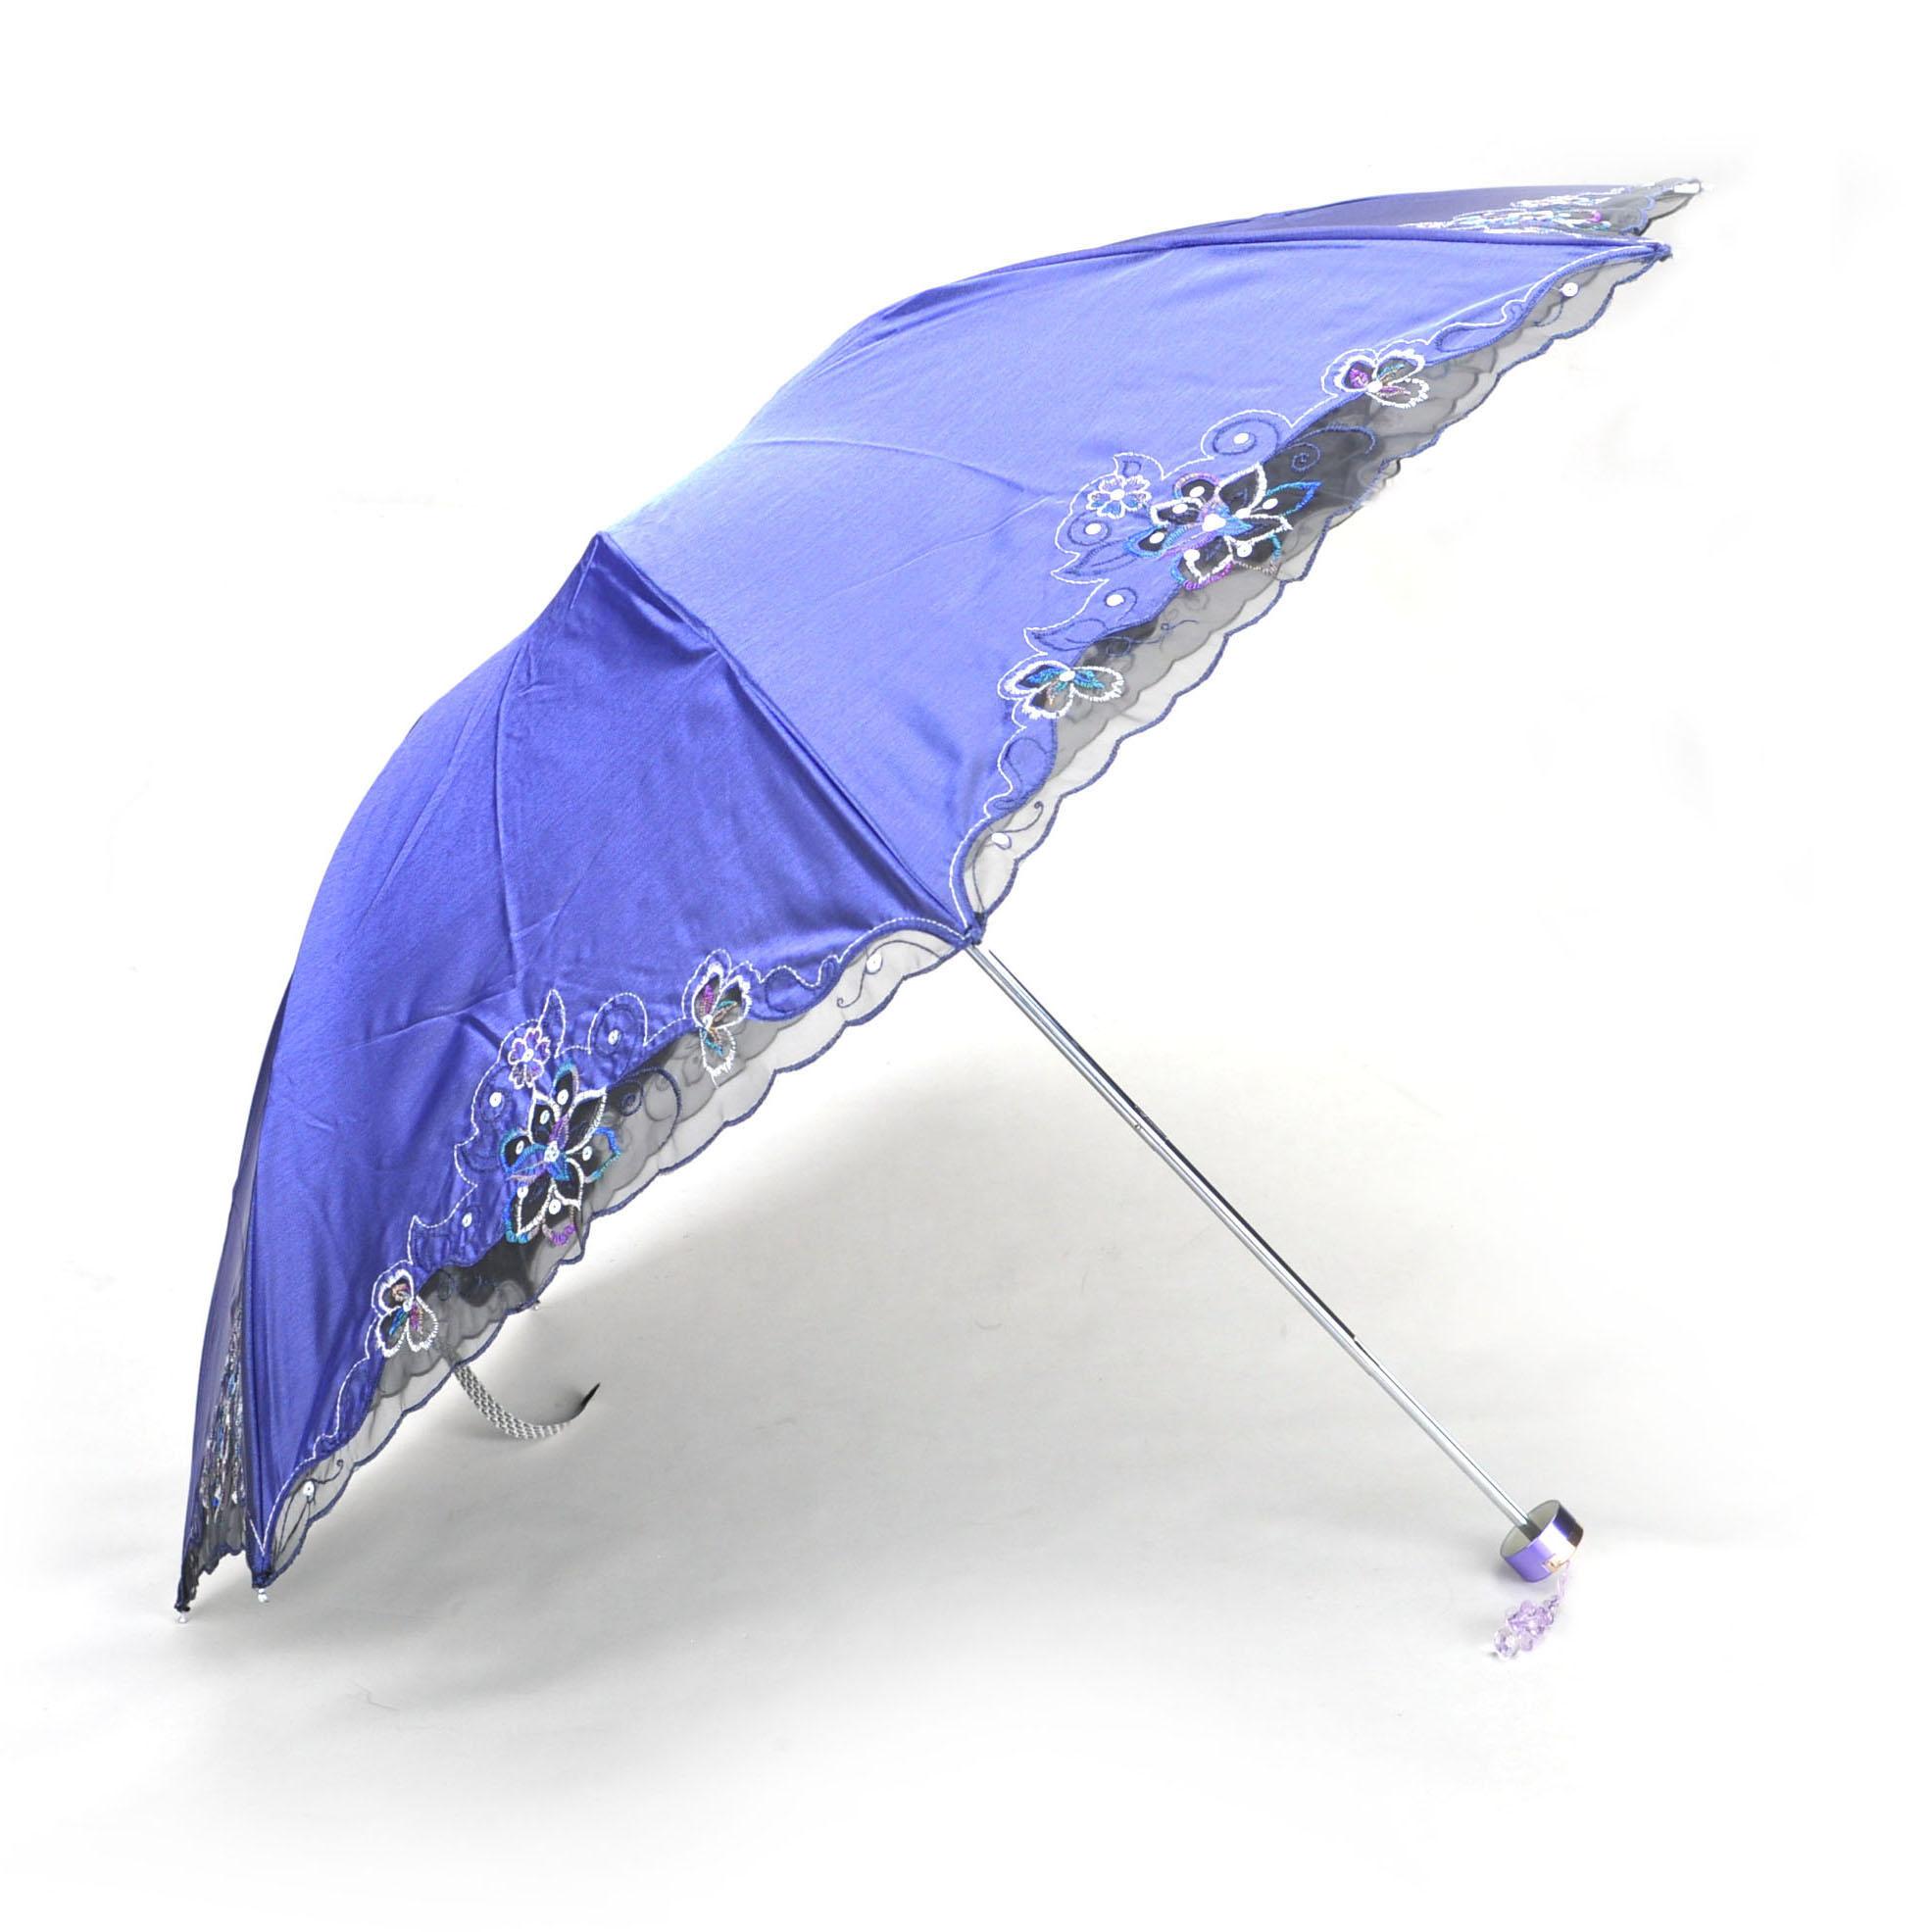 Opentipcom Toptie Sun Shade Antiuv Umbrella Uv